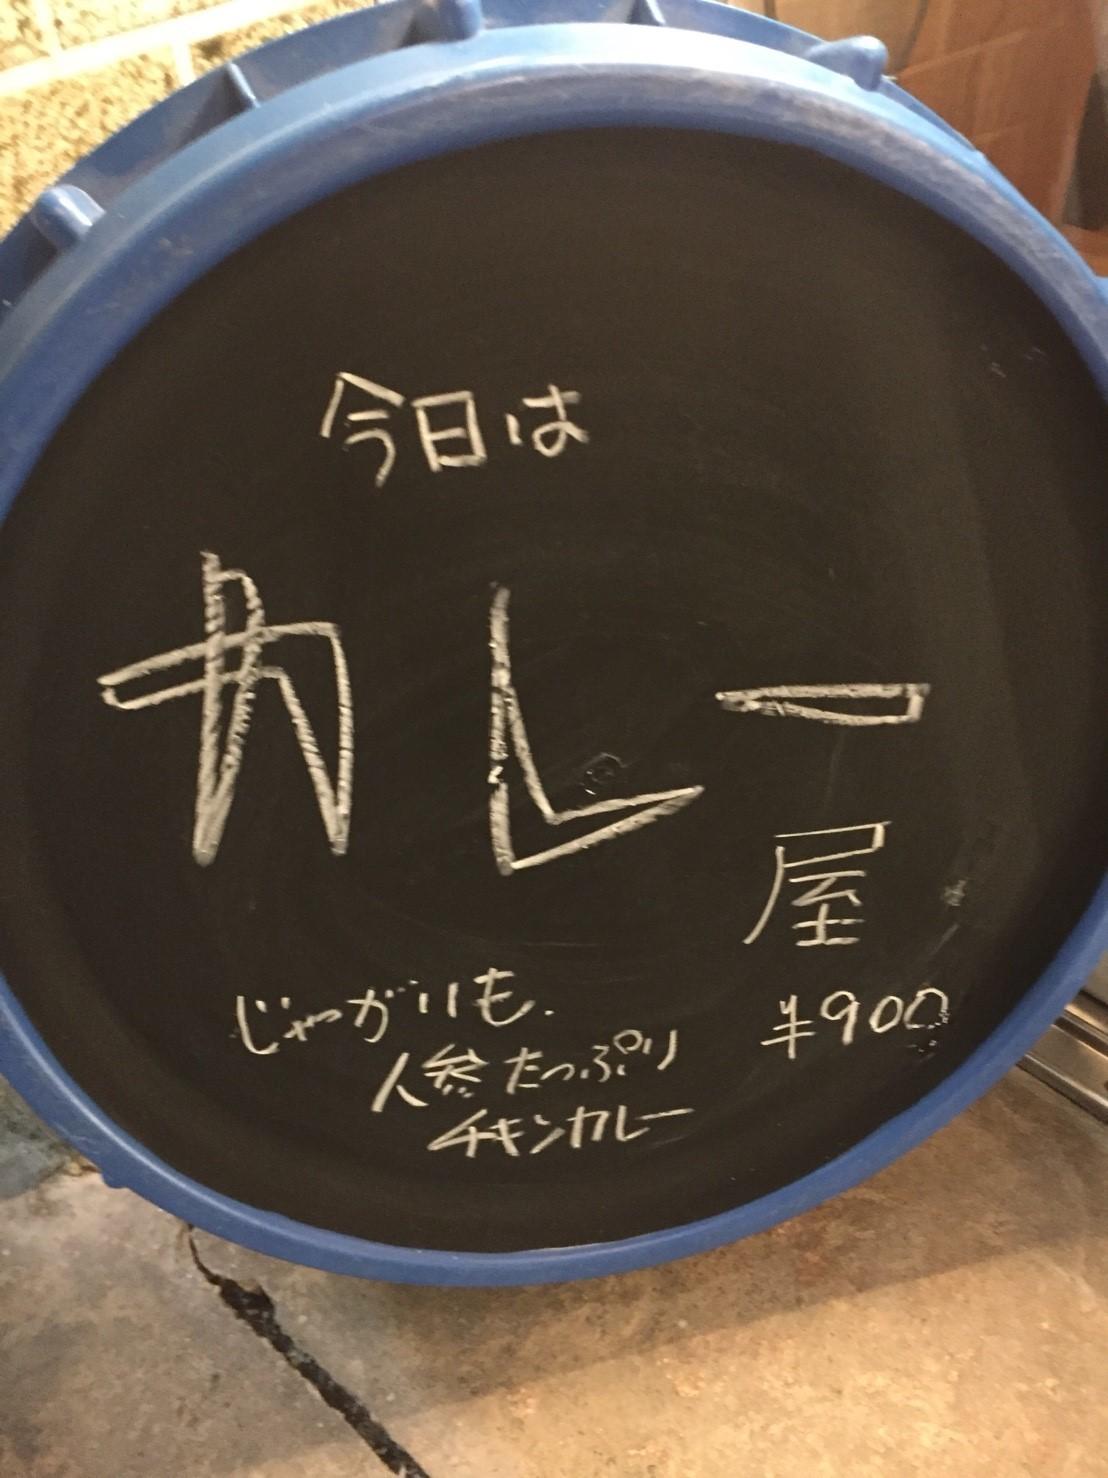 Tottoriカルマ まるなげ食堂 カレー_e0115904_01023769.jpg